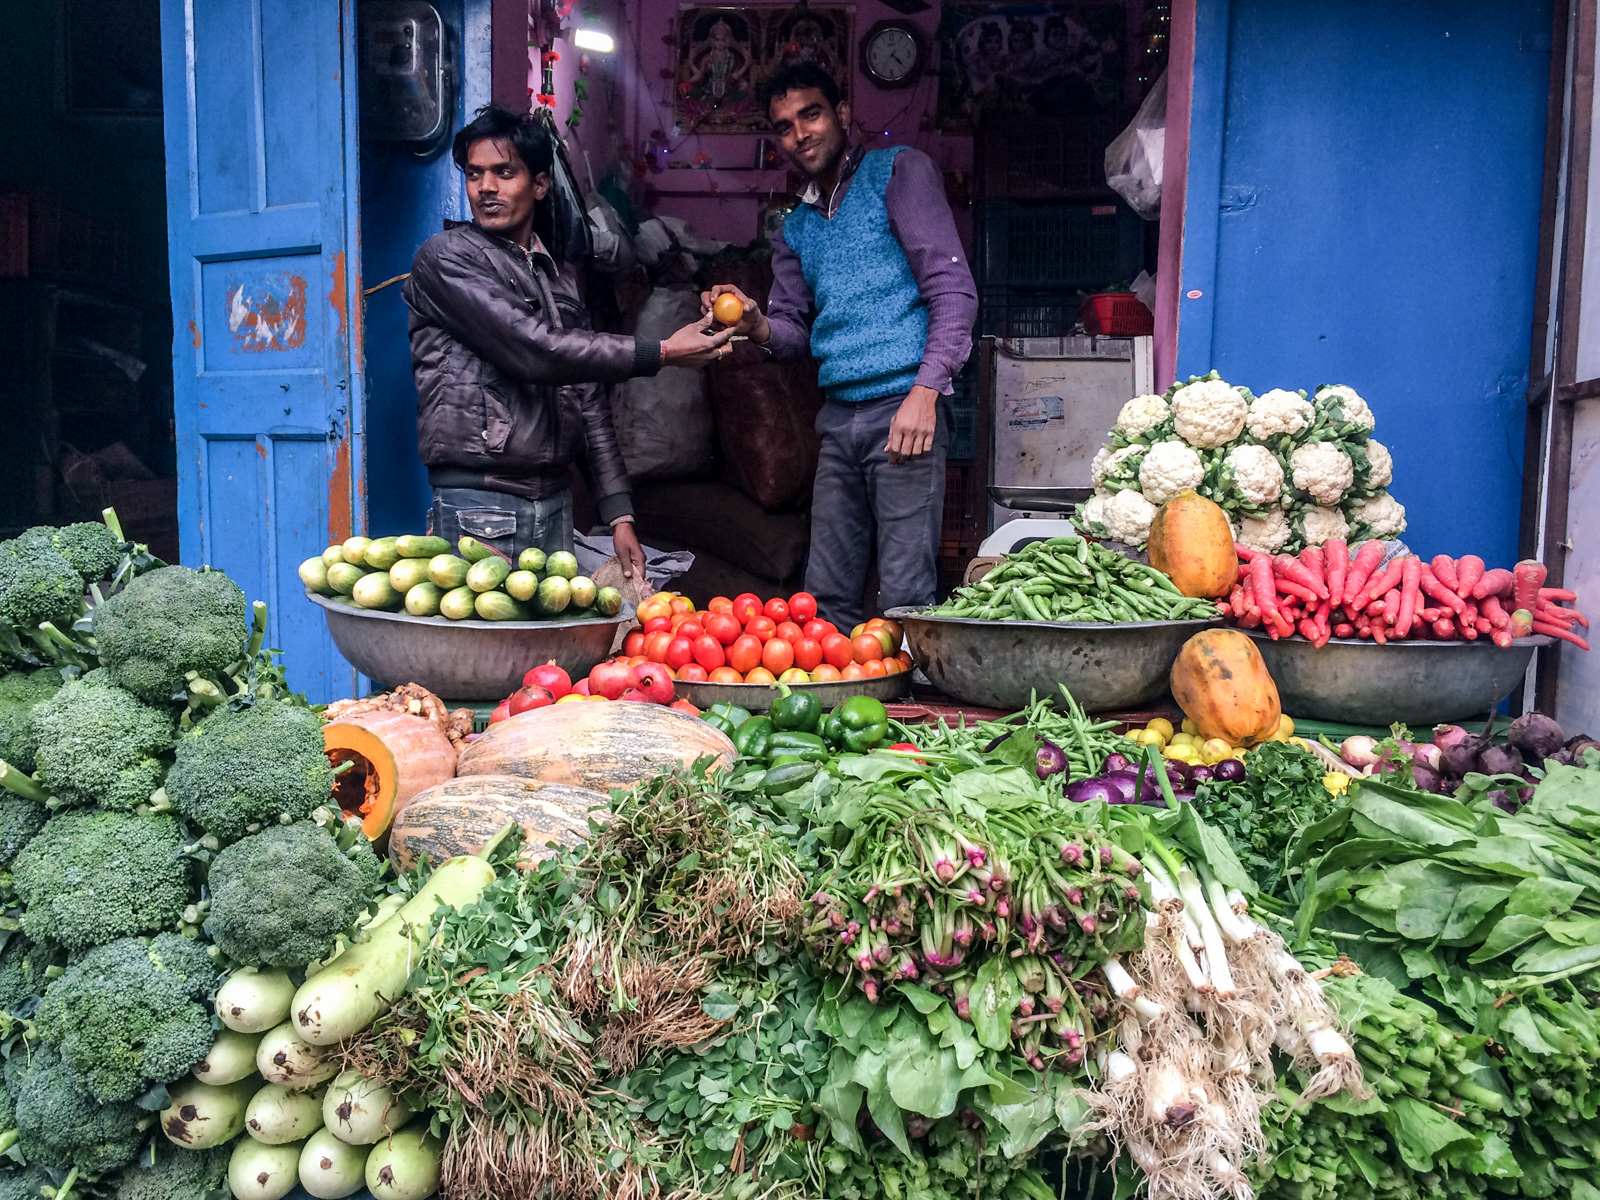 Rishikesh-Uttakarand-India-AmyRolloPhoto-2235.jpg